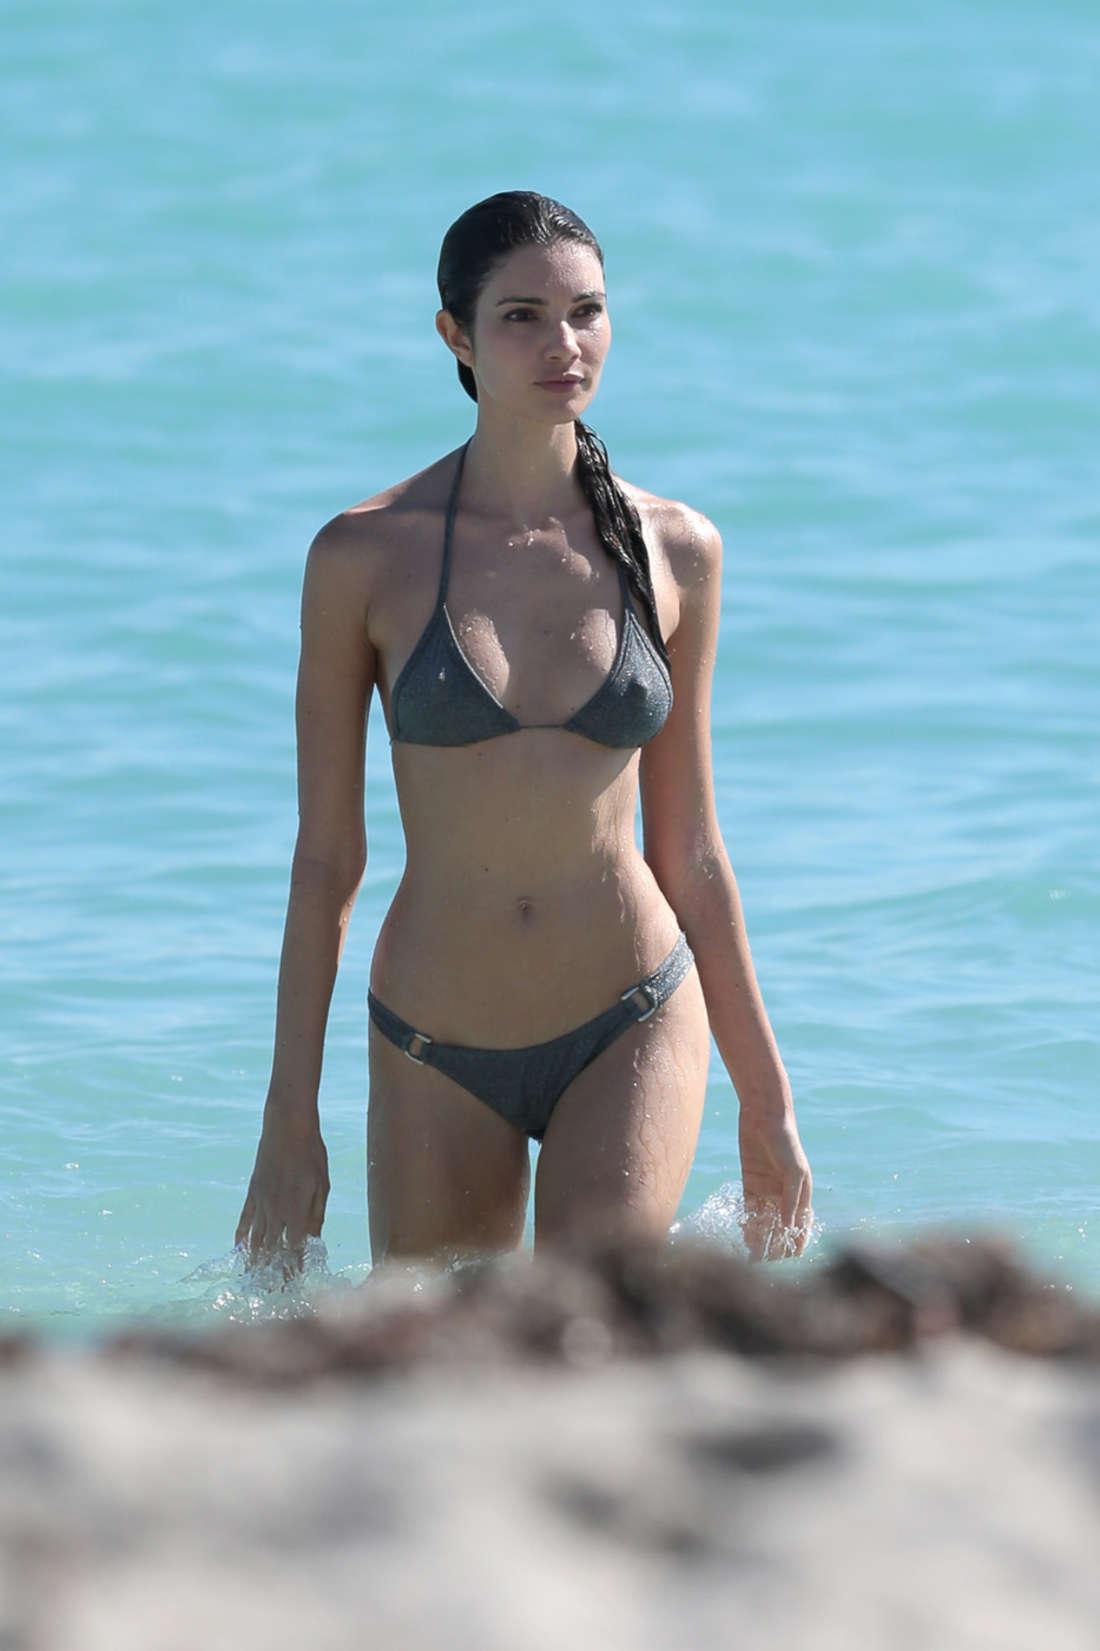 Teresa Moore Wearing Bikini in Miami